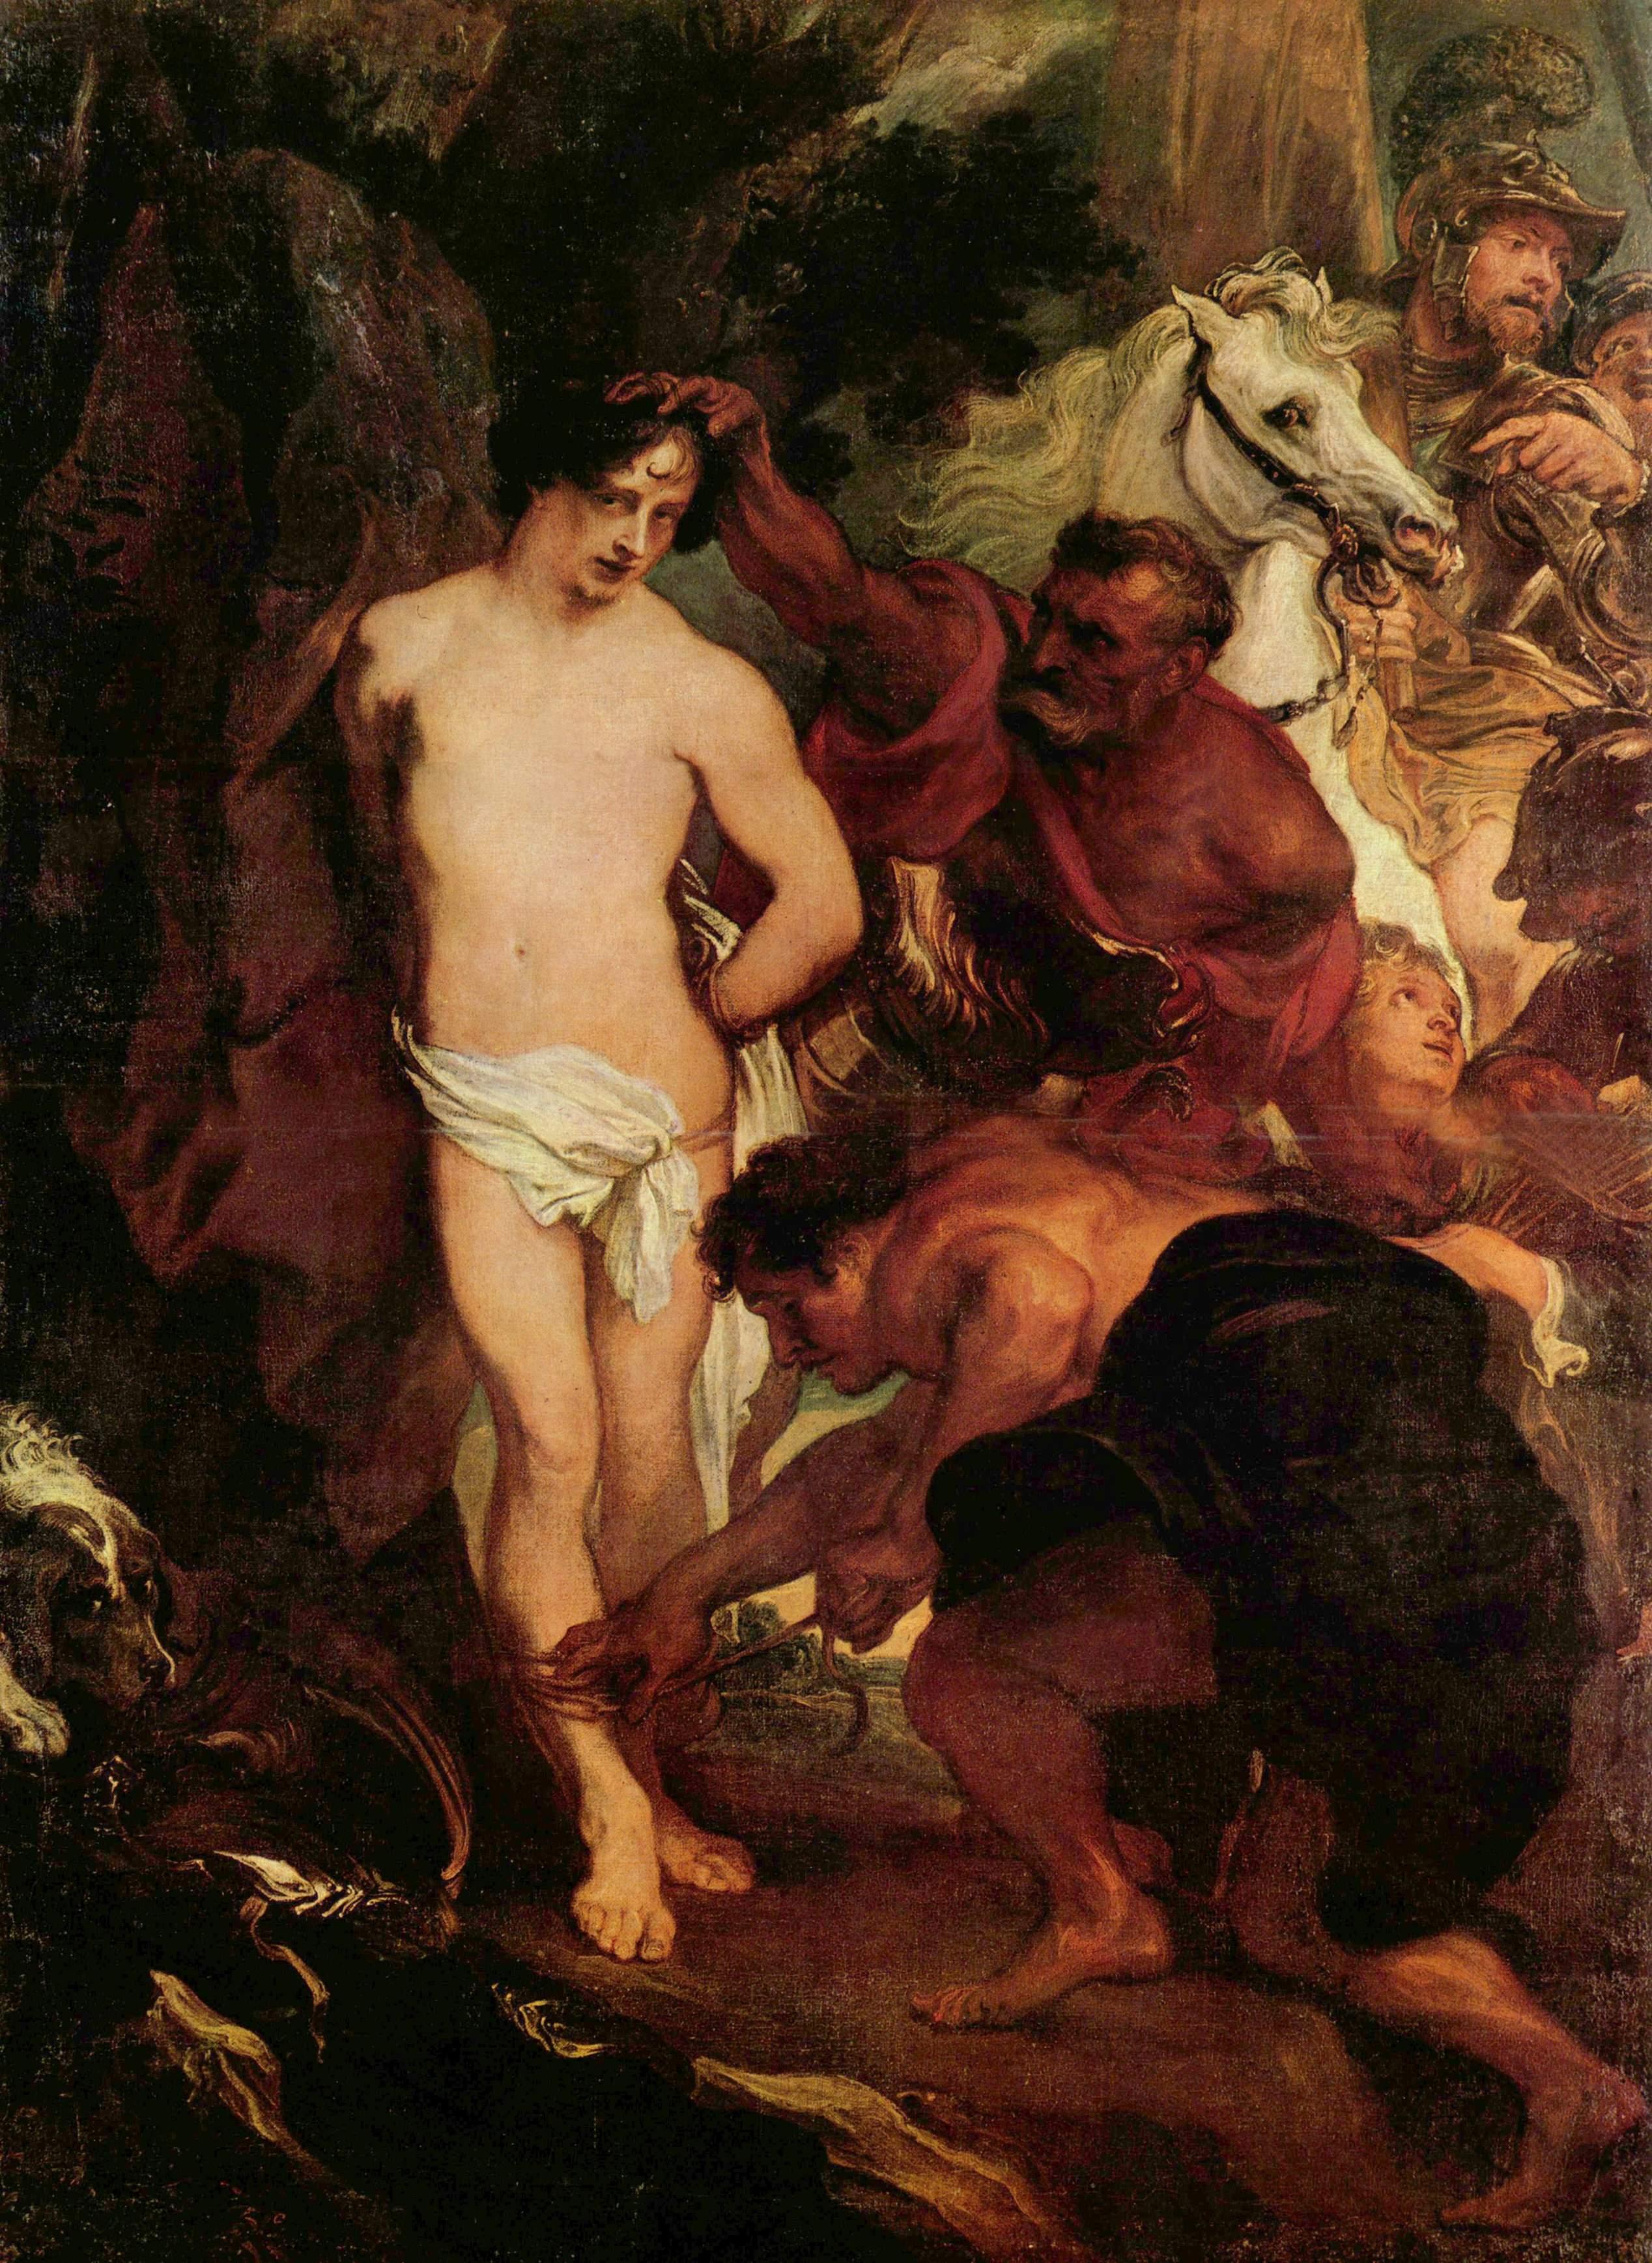 Мученичество святого Себастьяна, Антонис ван Дейк